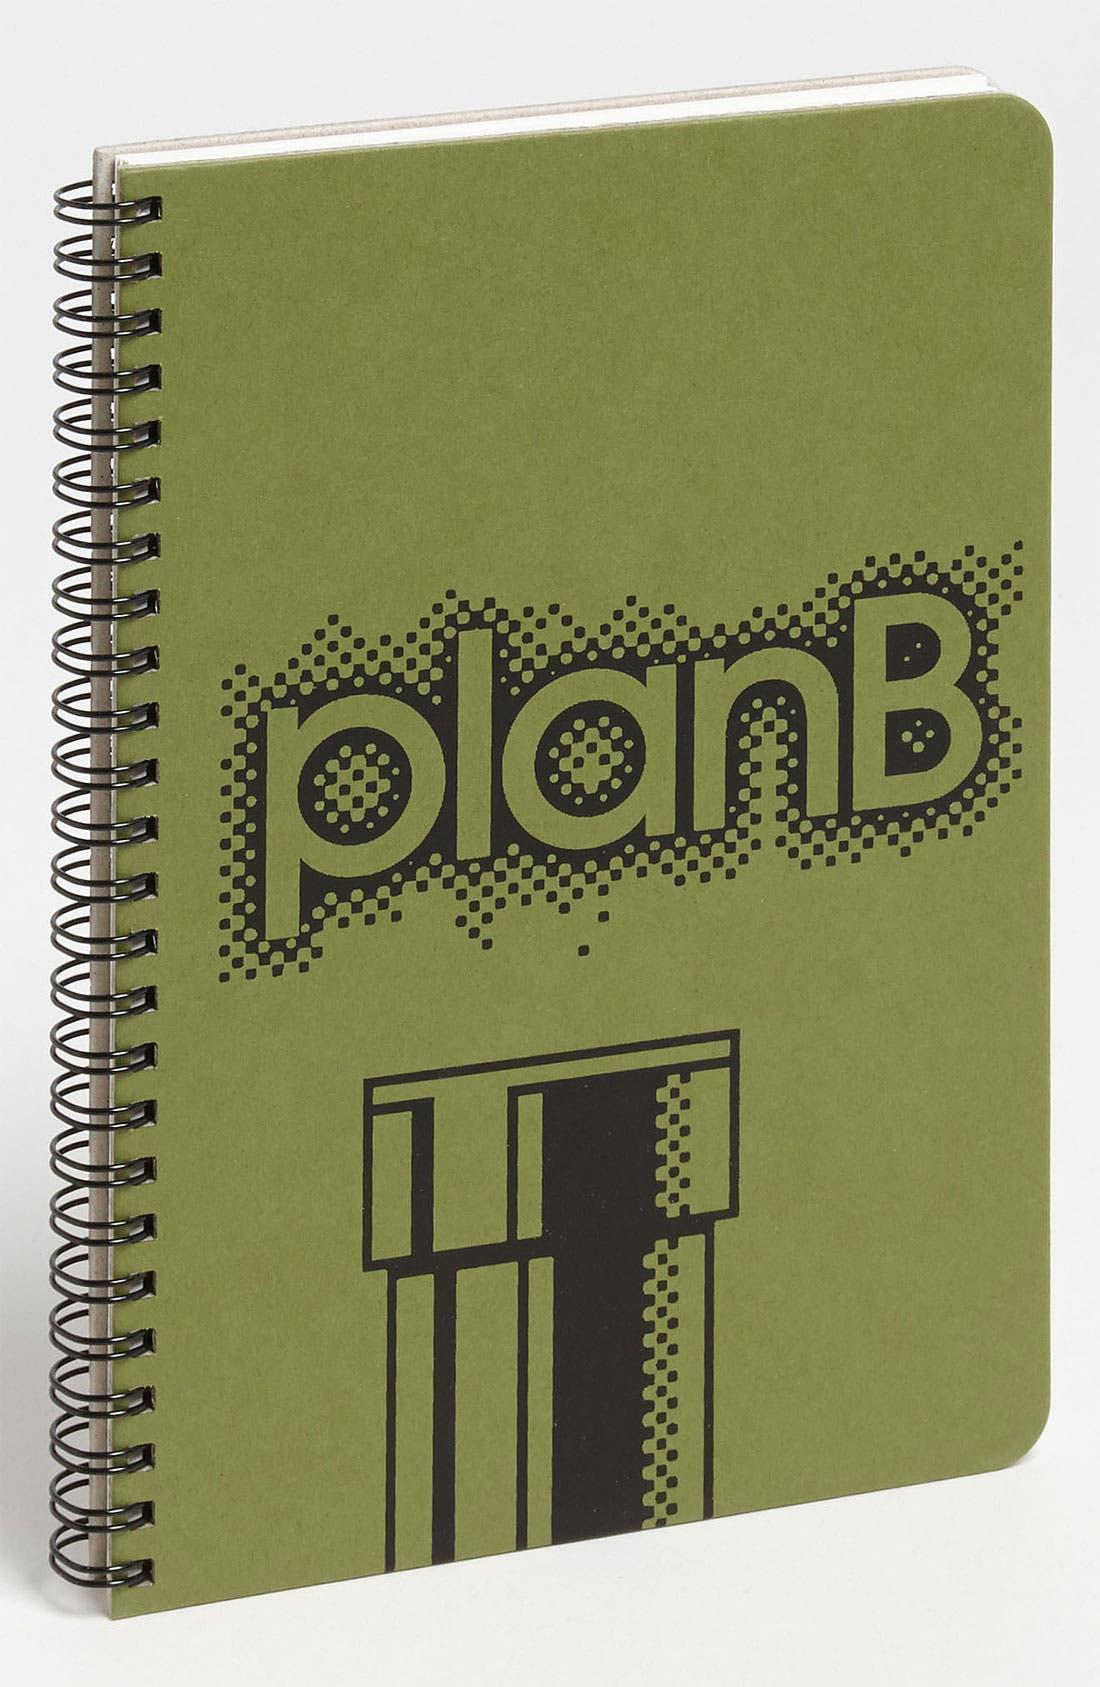 Main Image - Spiral Bound Notebook